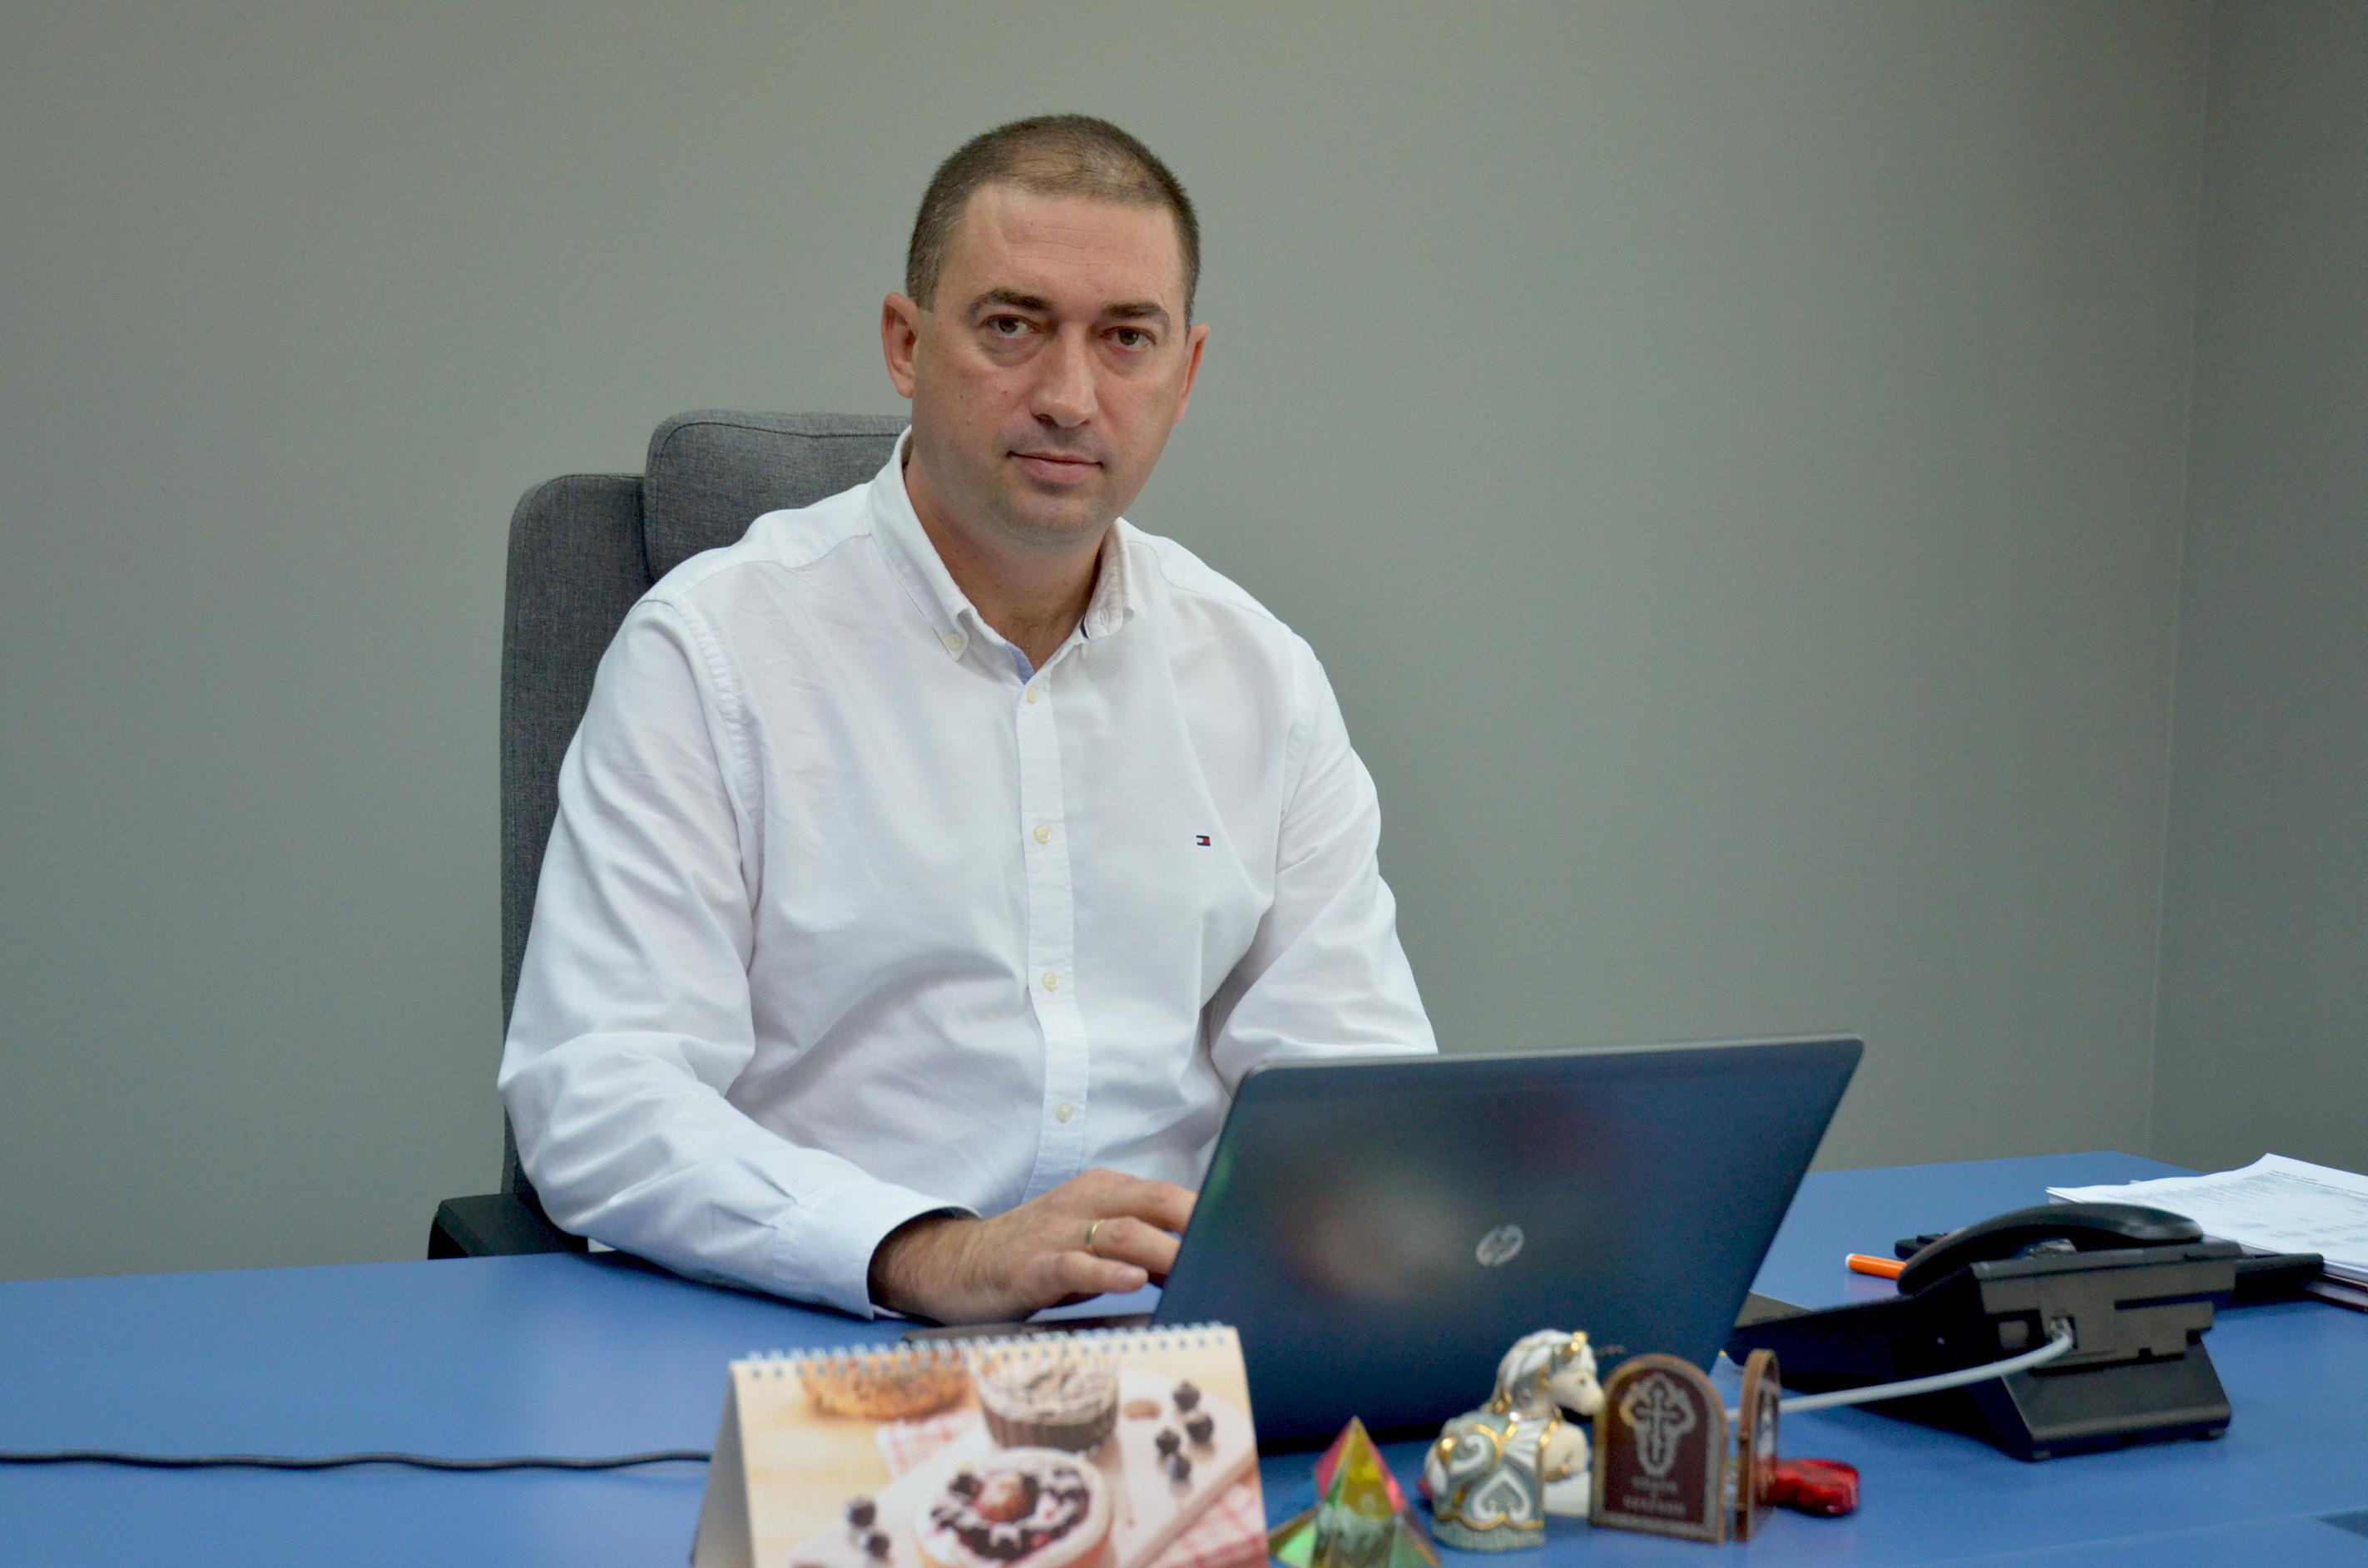 Генеральный директор украинского подразделения компании Сергей Соловей